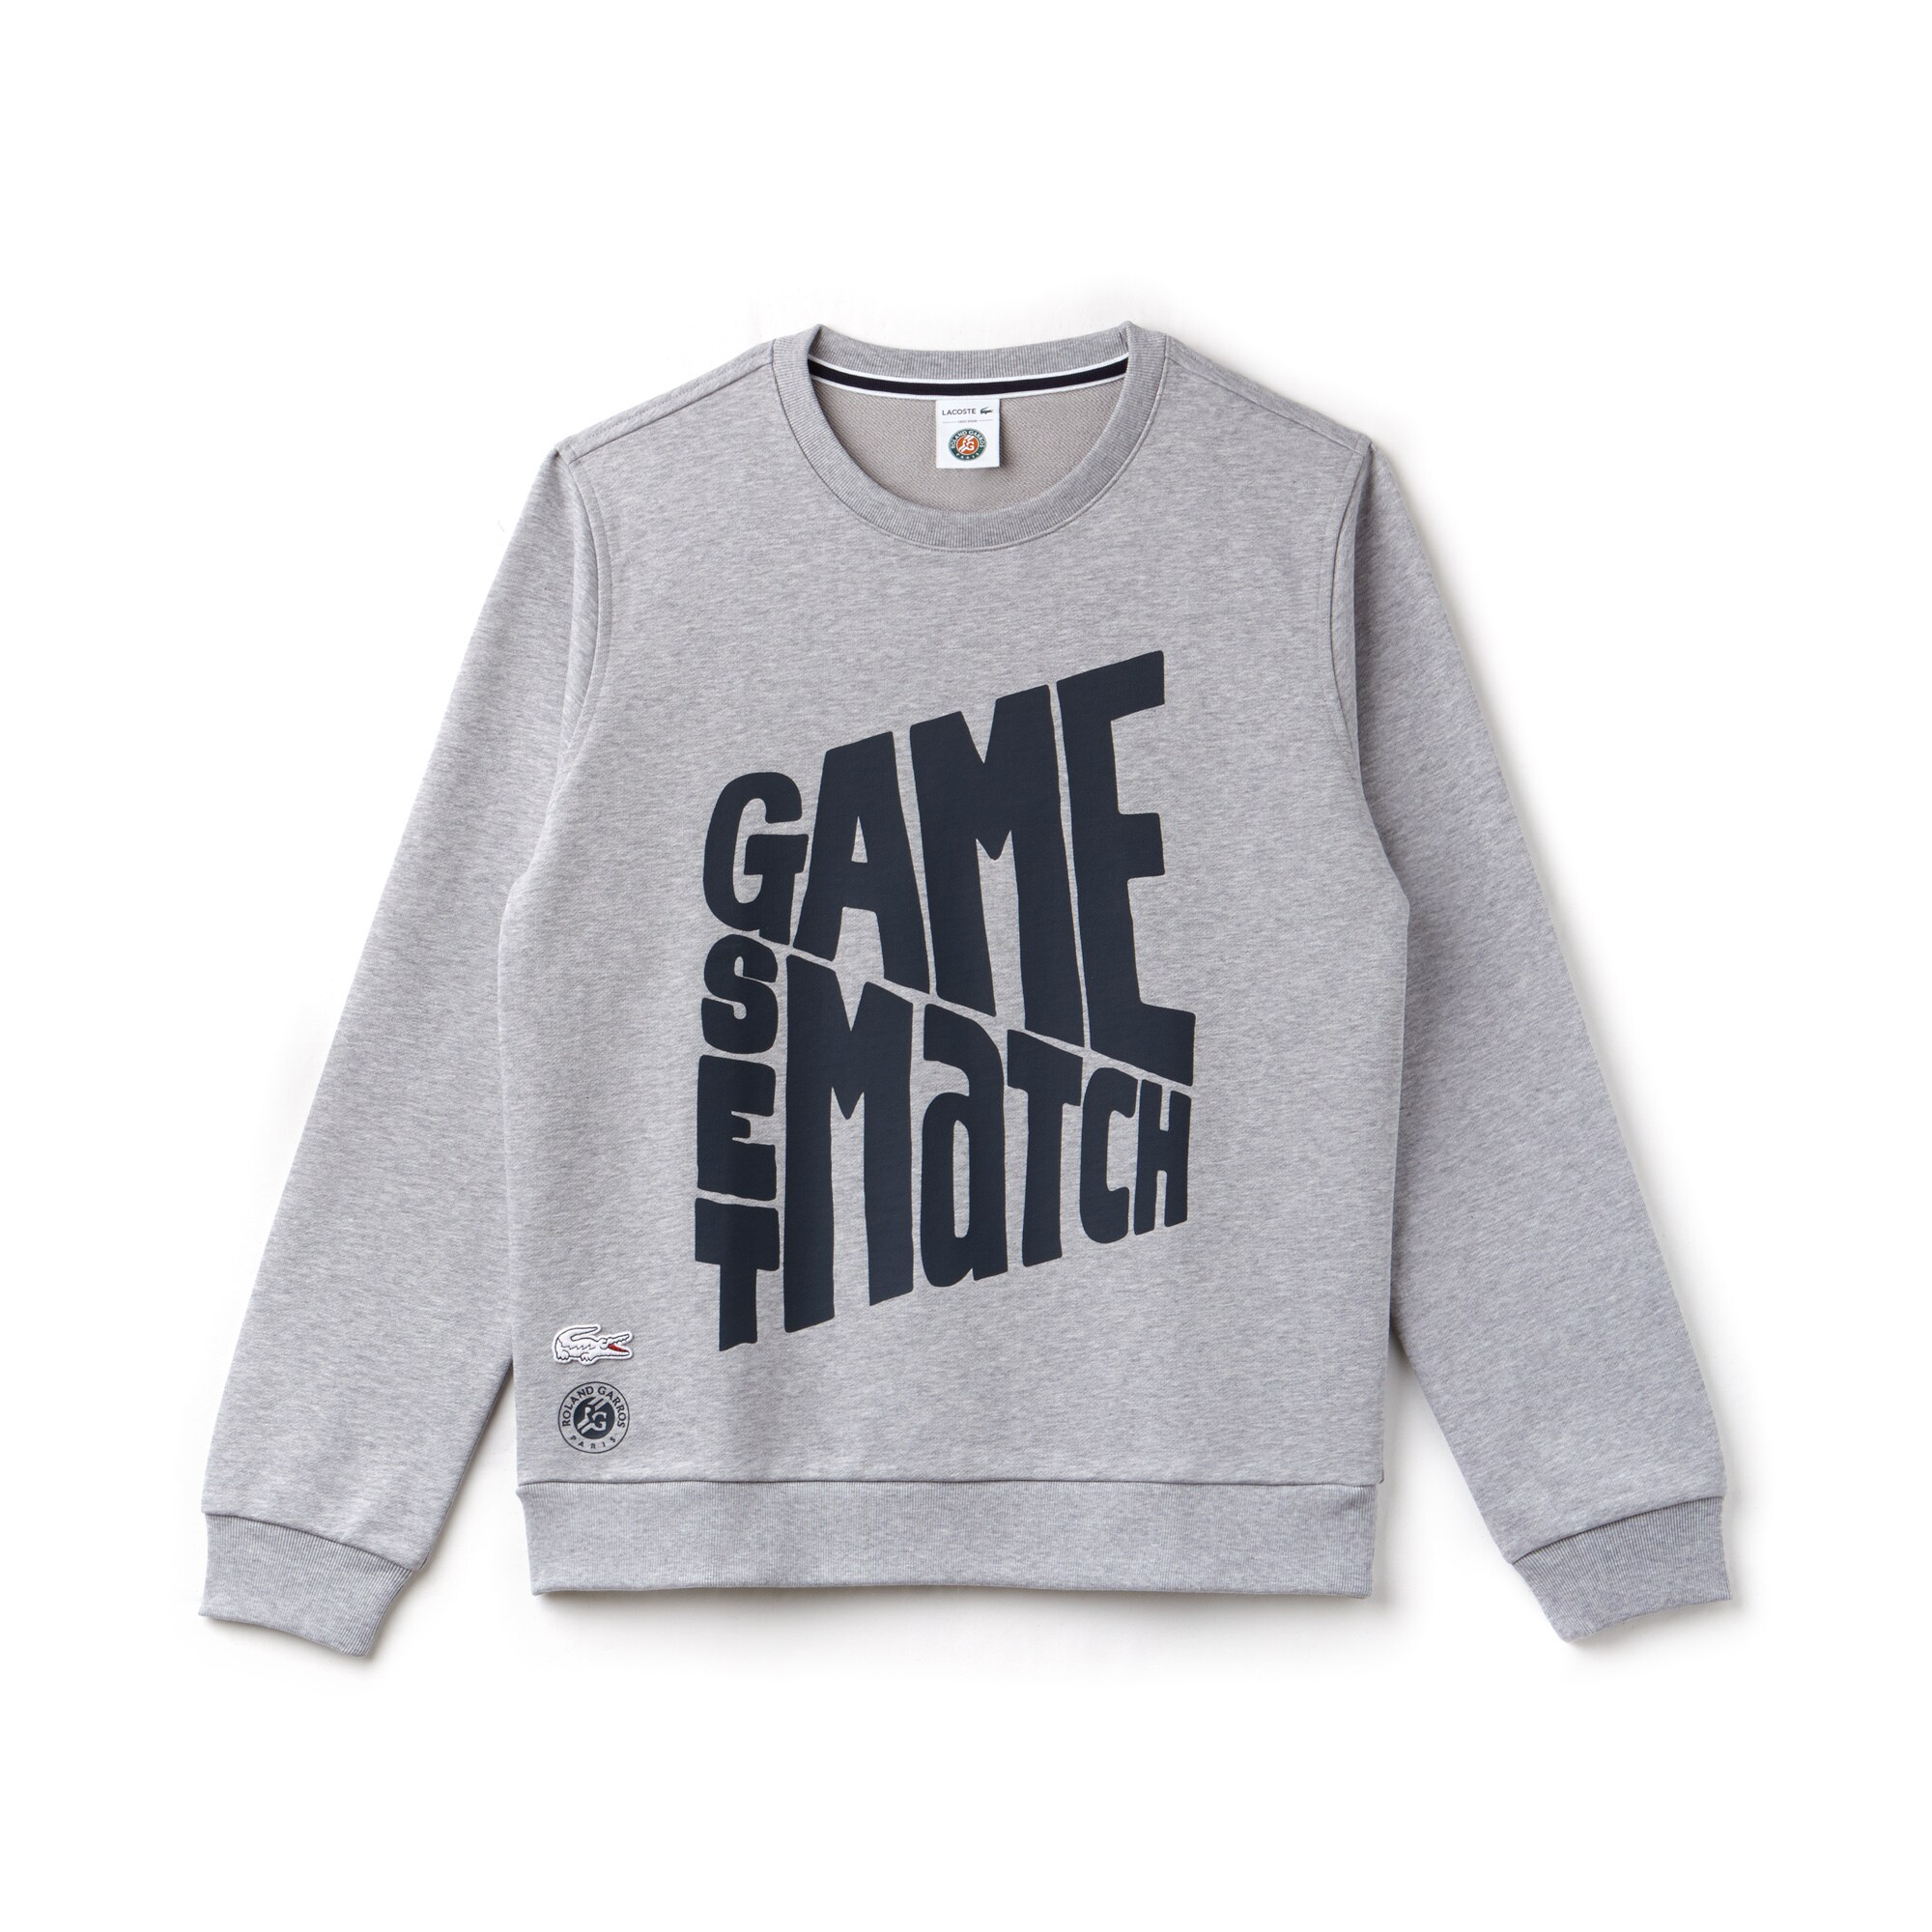 Herren LACOSTE SPORT Roland Garros Edition Design Sweatshirt